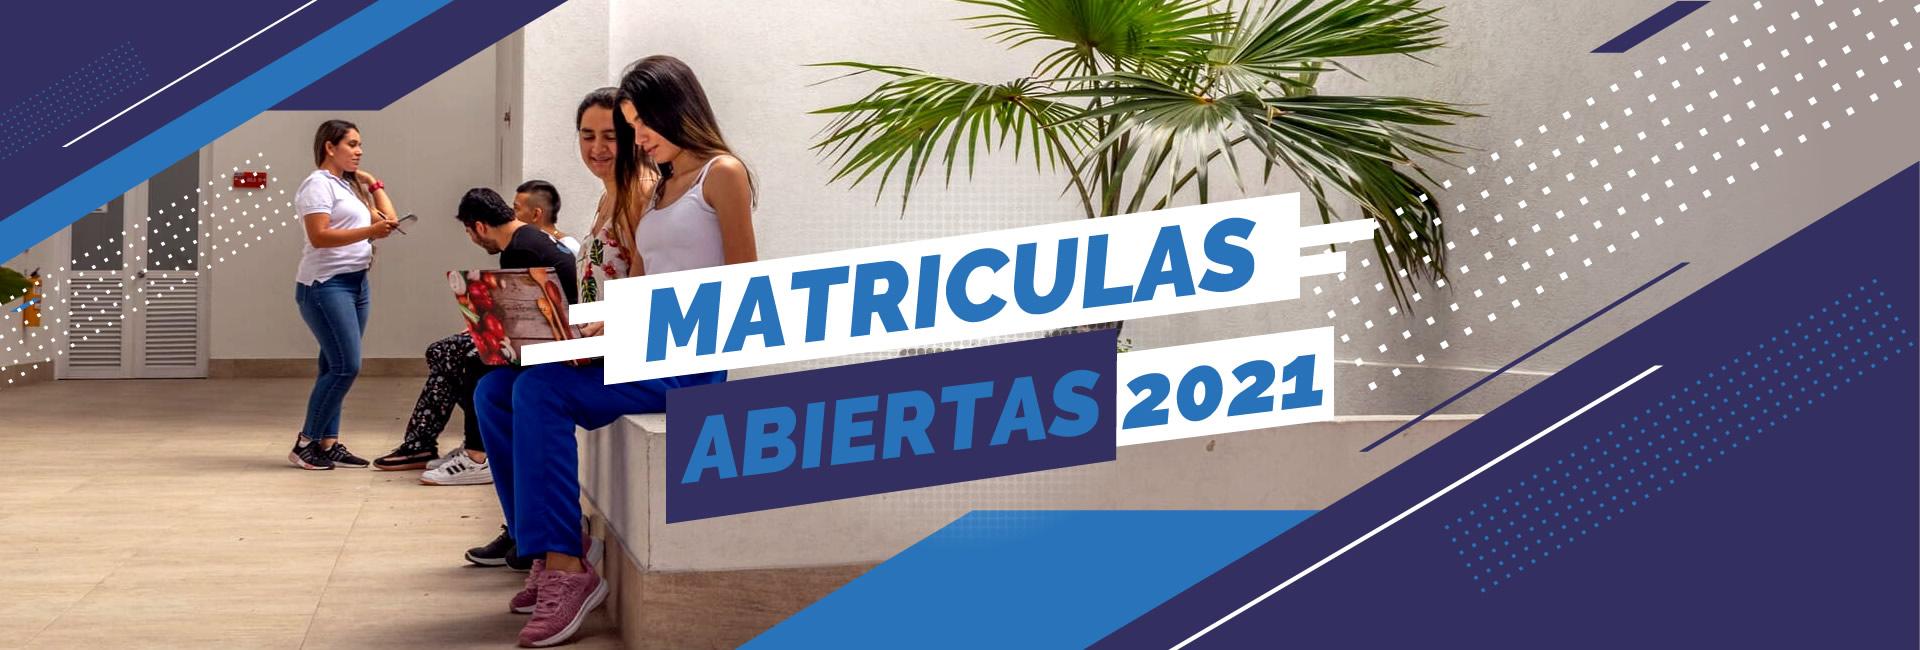 Matriculas 2021